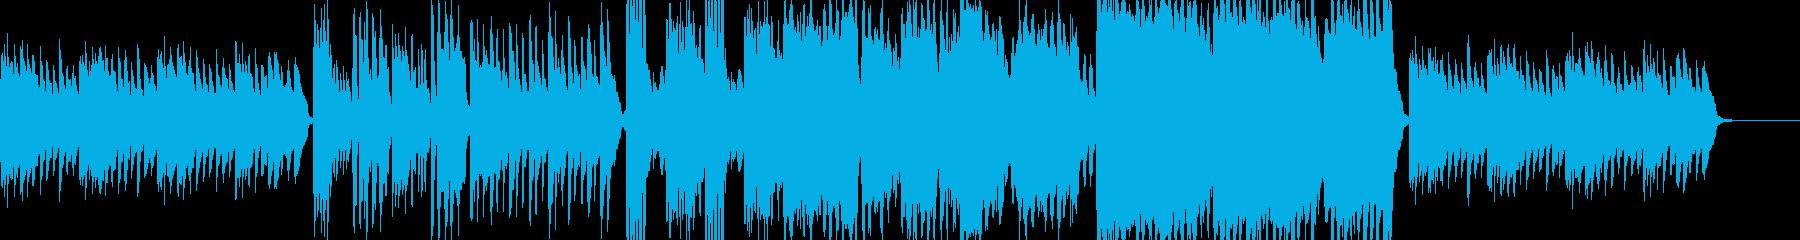 物悲しいハープシコードのホラー曲の再生済みの波形